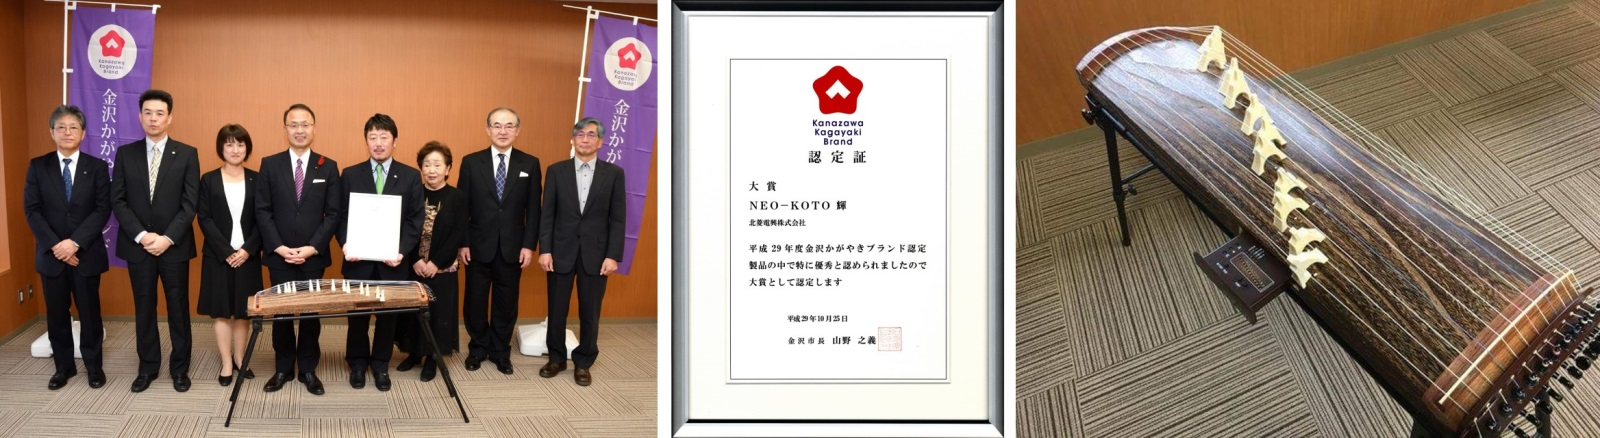 2017年10月25日:「金沢かがやきブランド」大賞を受賞いたしました